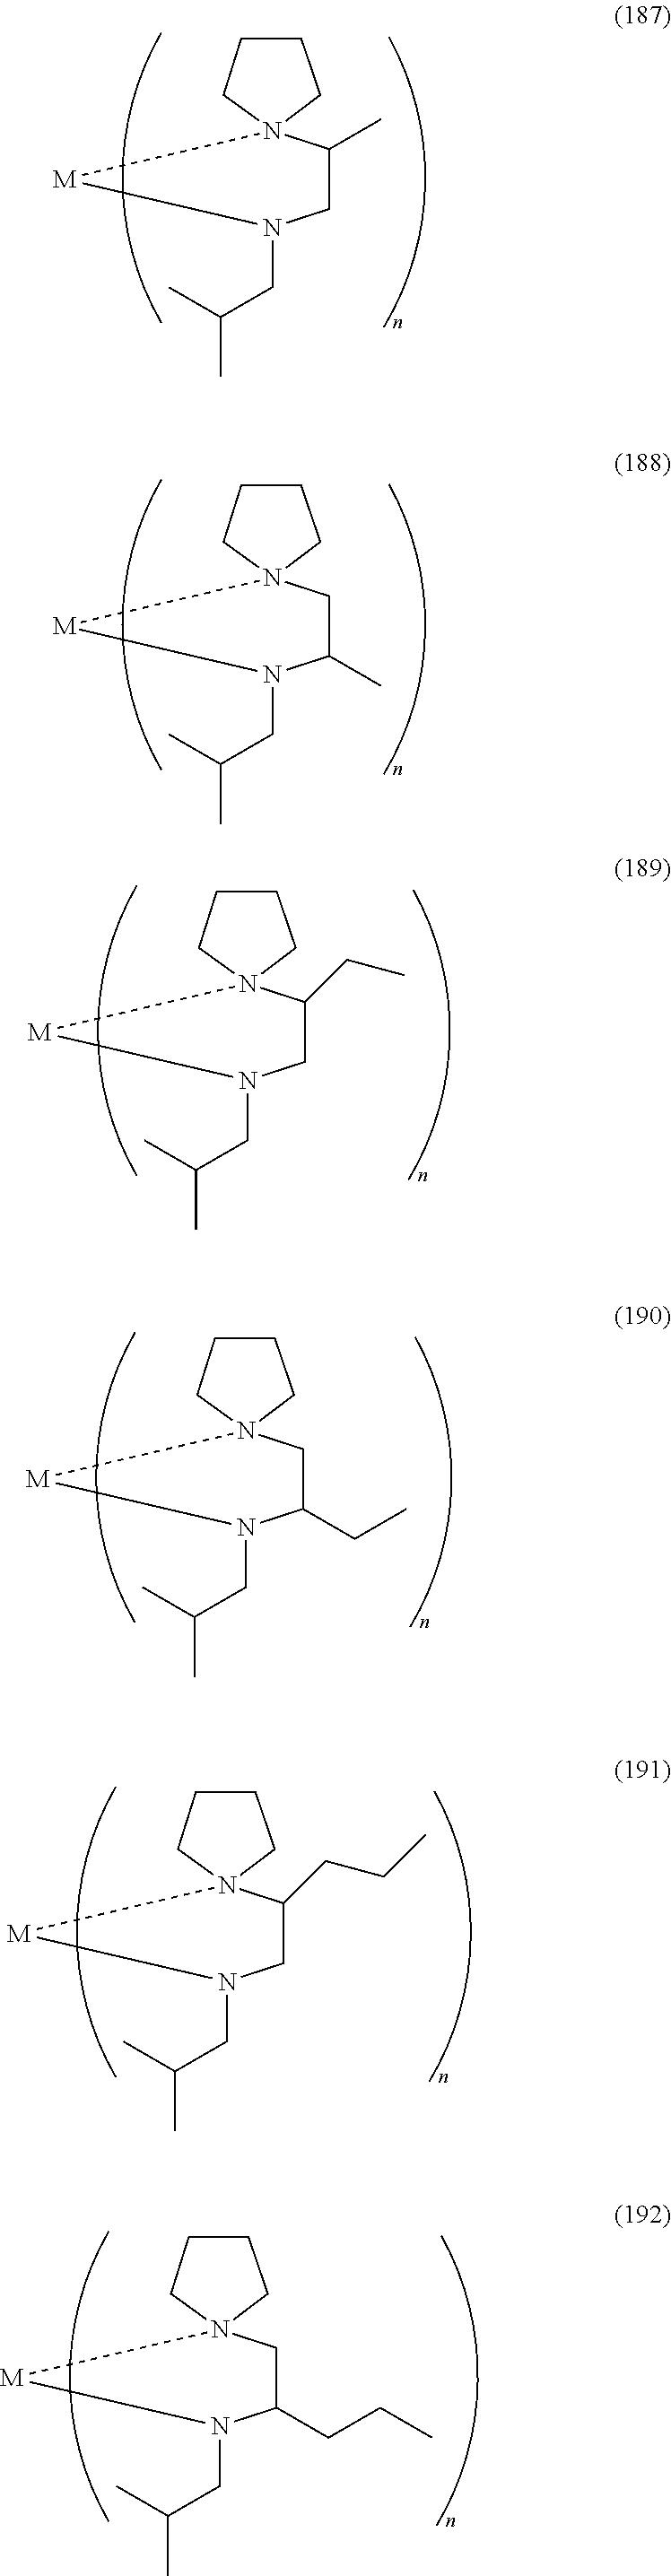 Figure US08871304-20141028-C00041